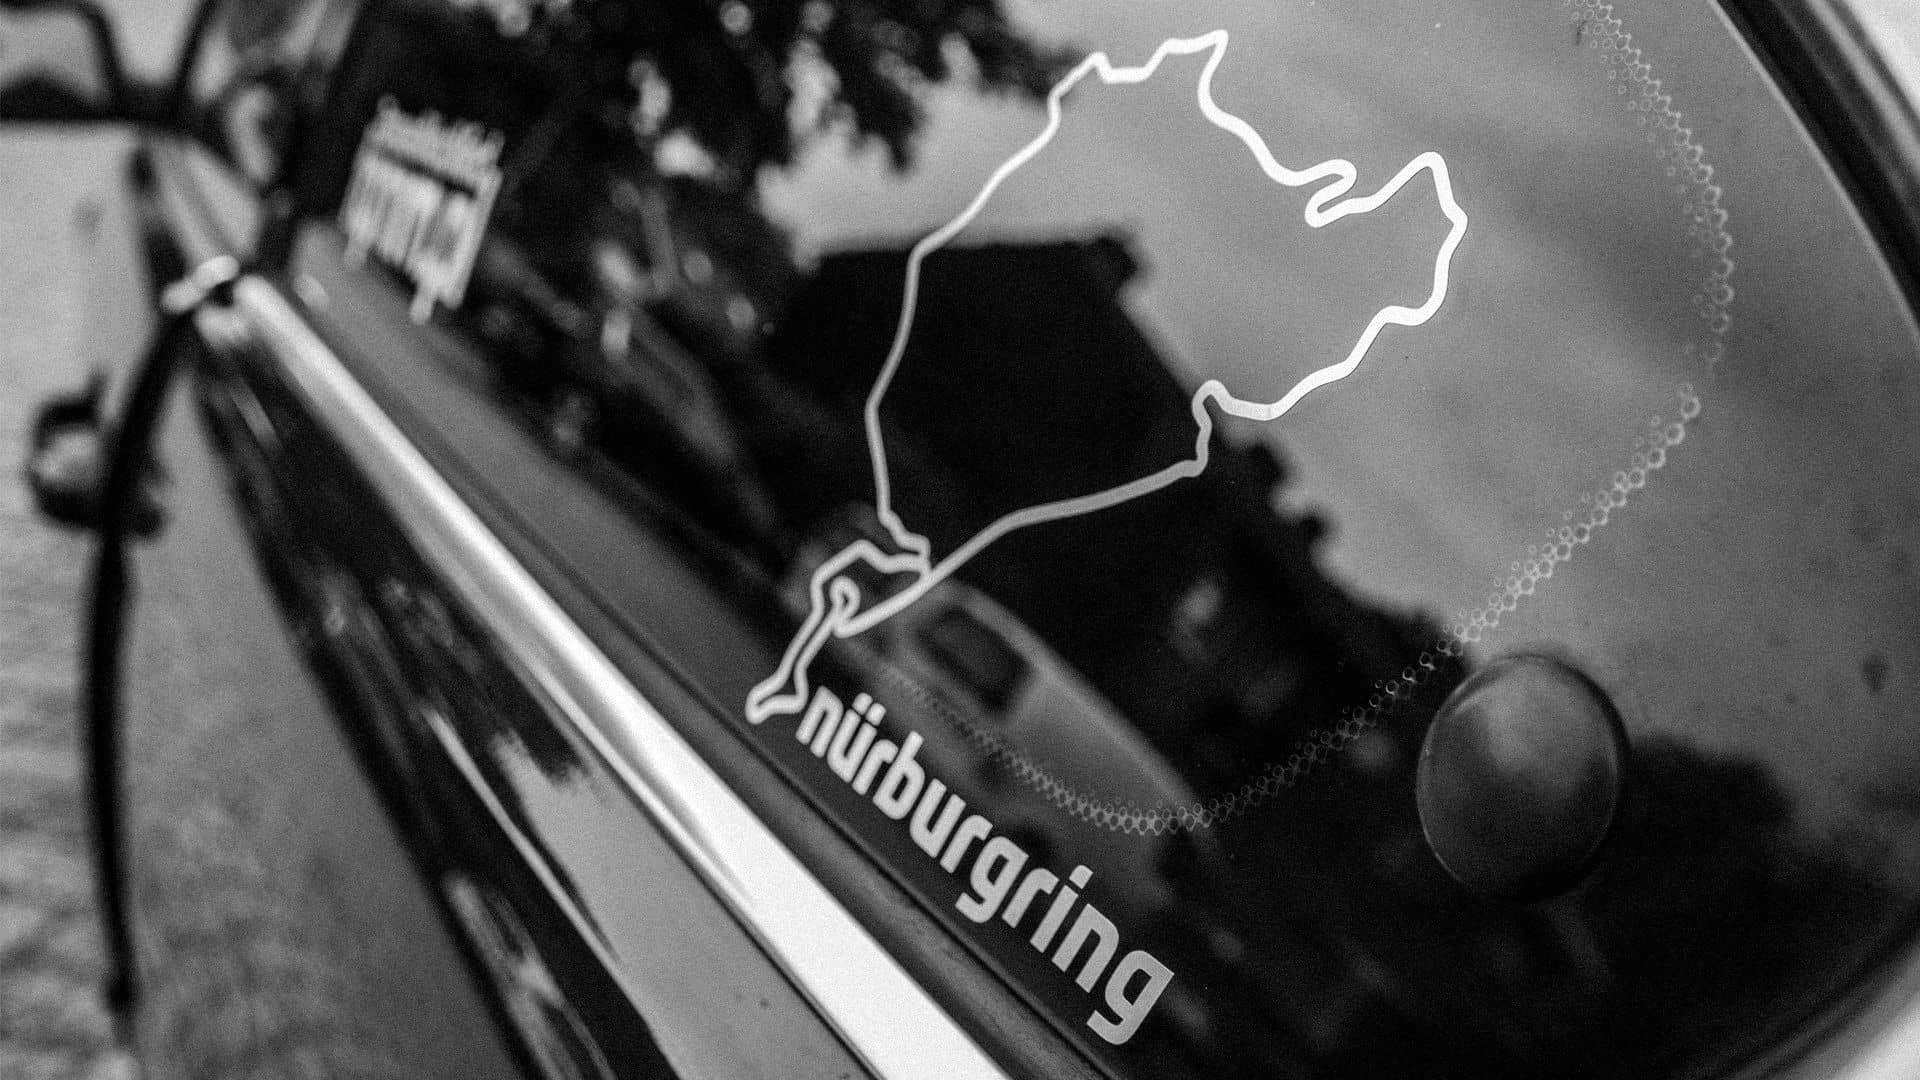 Fotki #94: Nürburgring